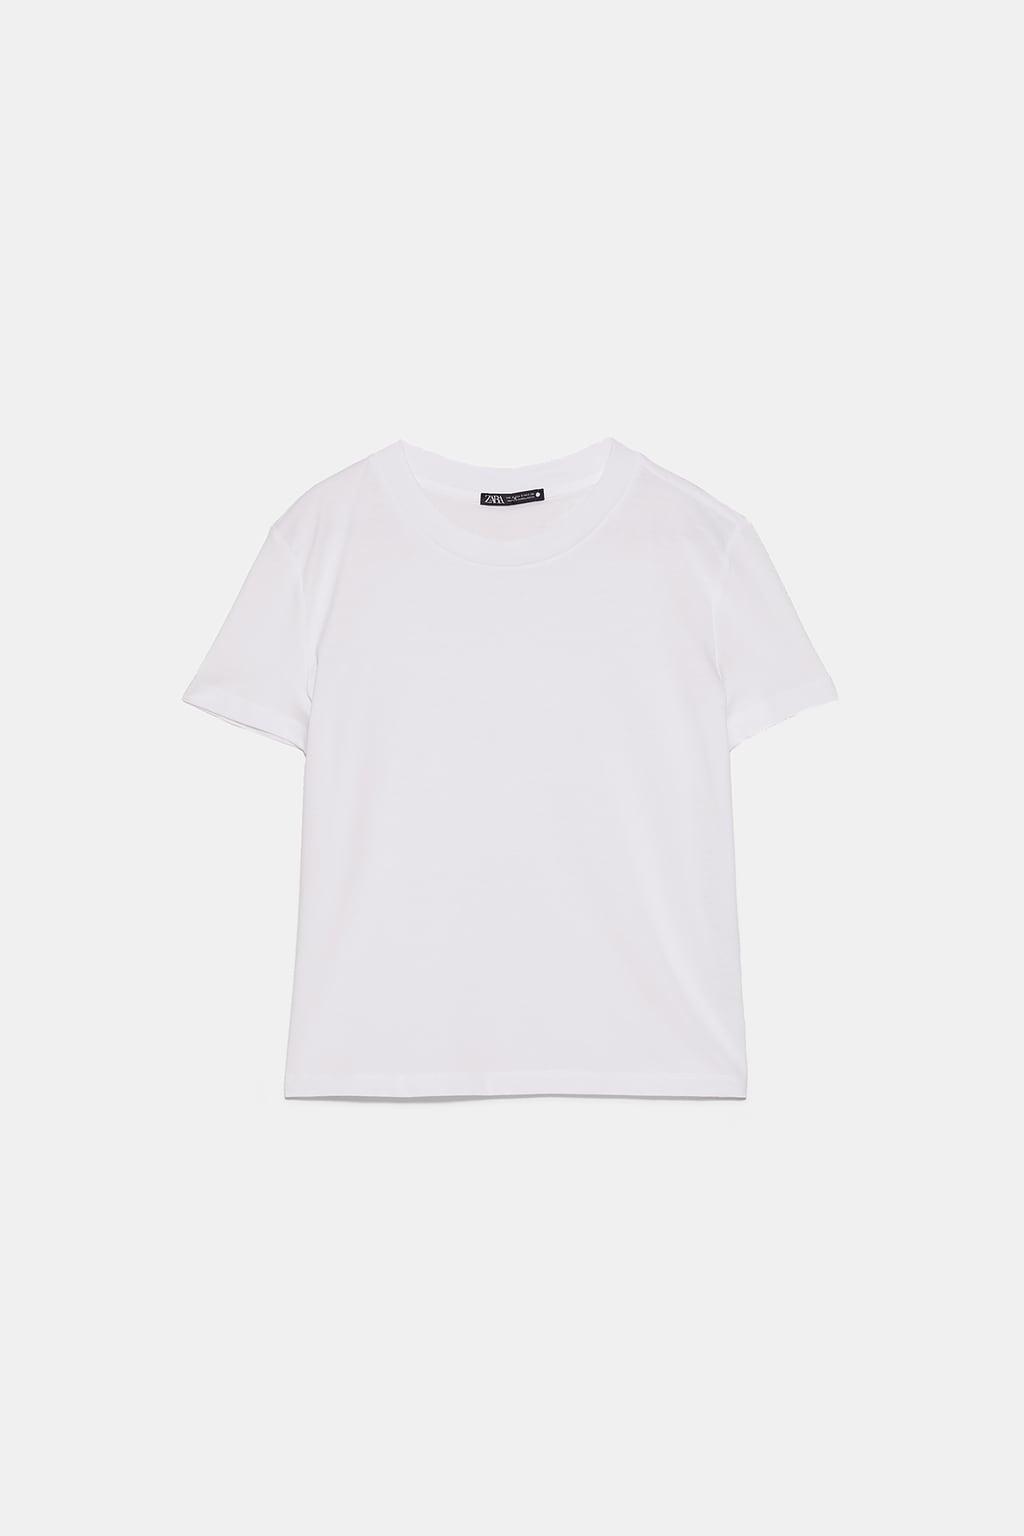 tshirt-putih